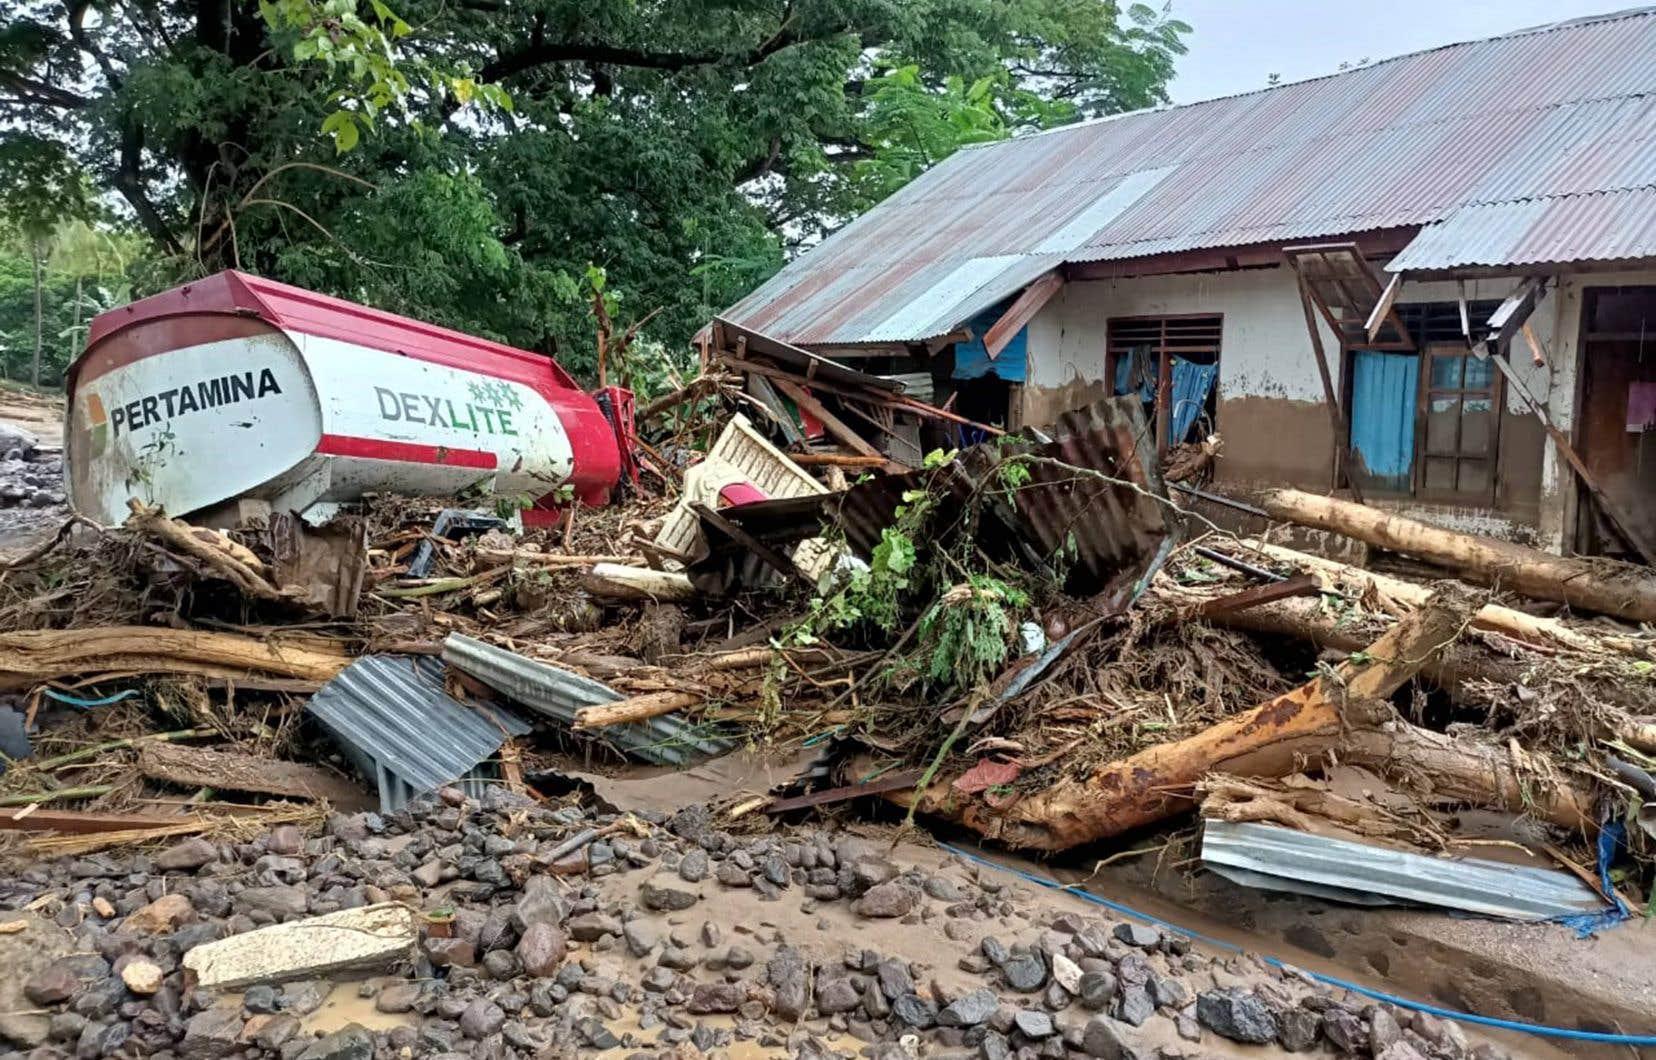 Des dizaines de maisons ont été recouvertes de boue alors que des ponts et des routes ont été détruits dans la partie orientale de l'île.